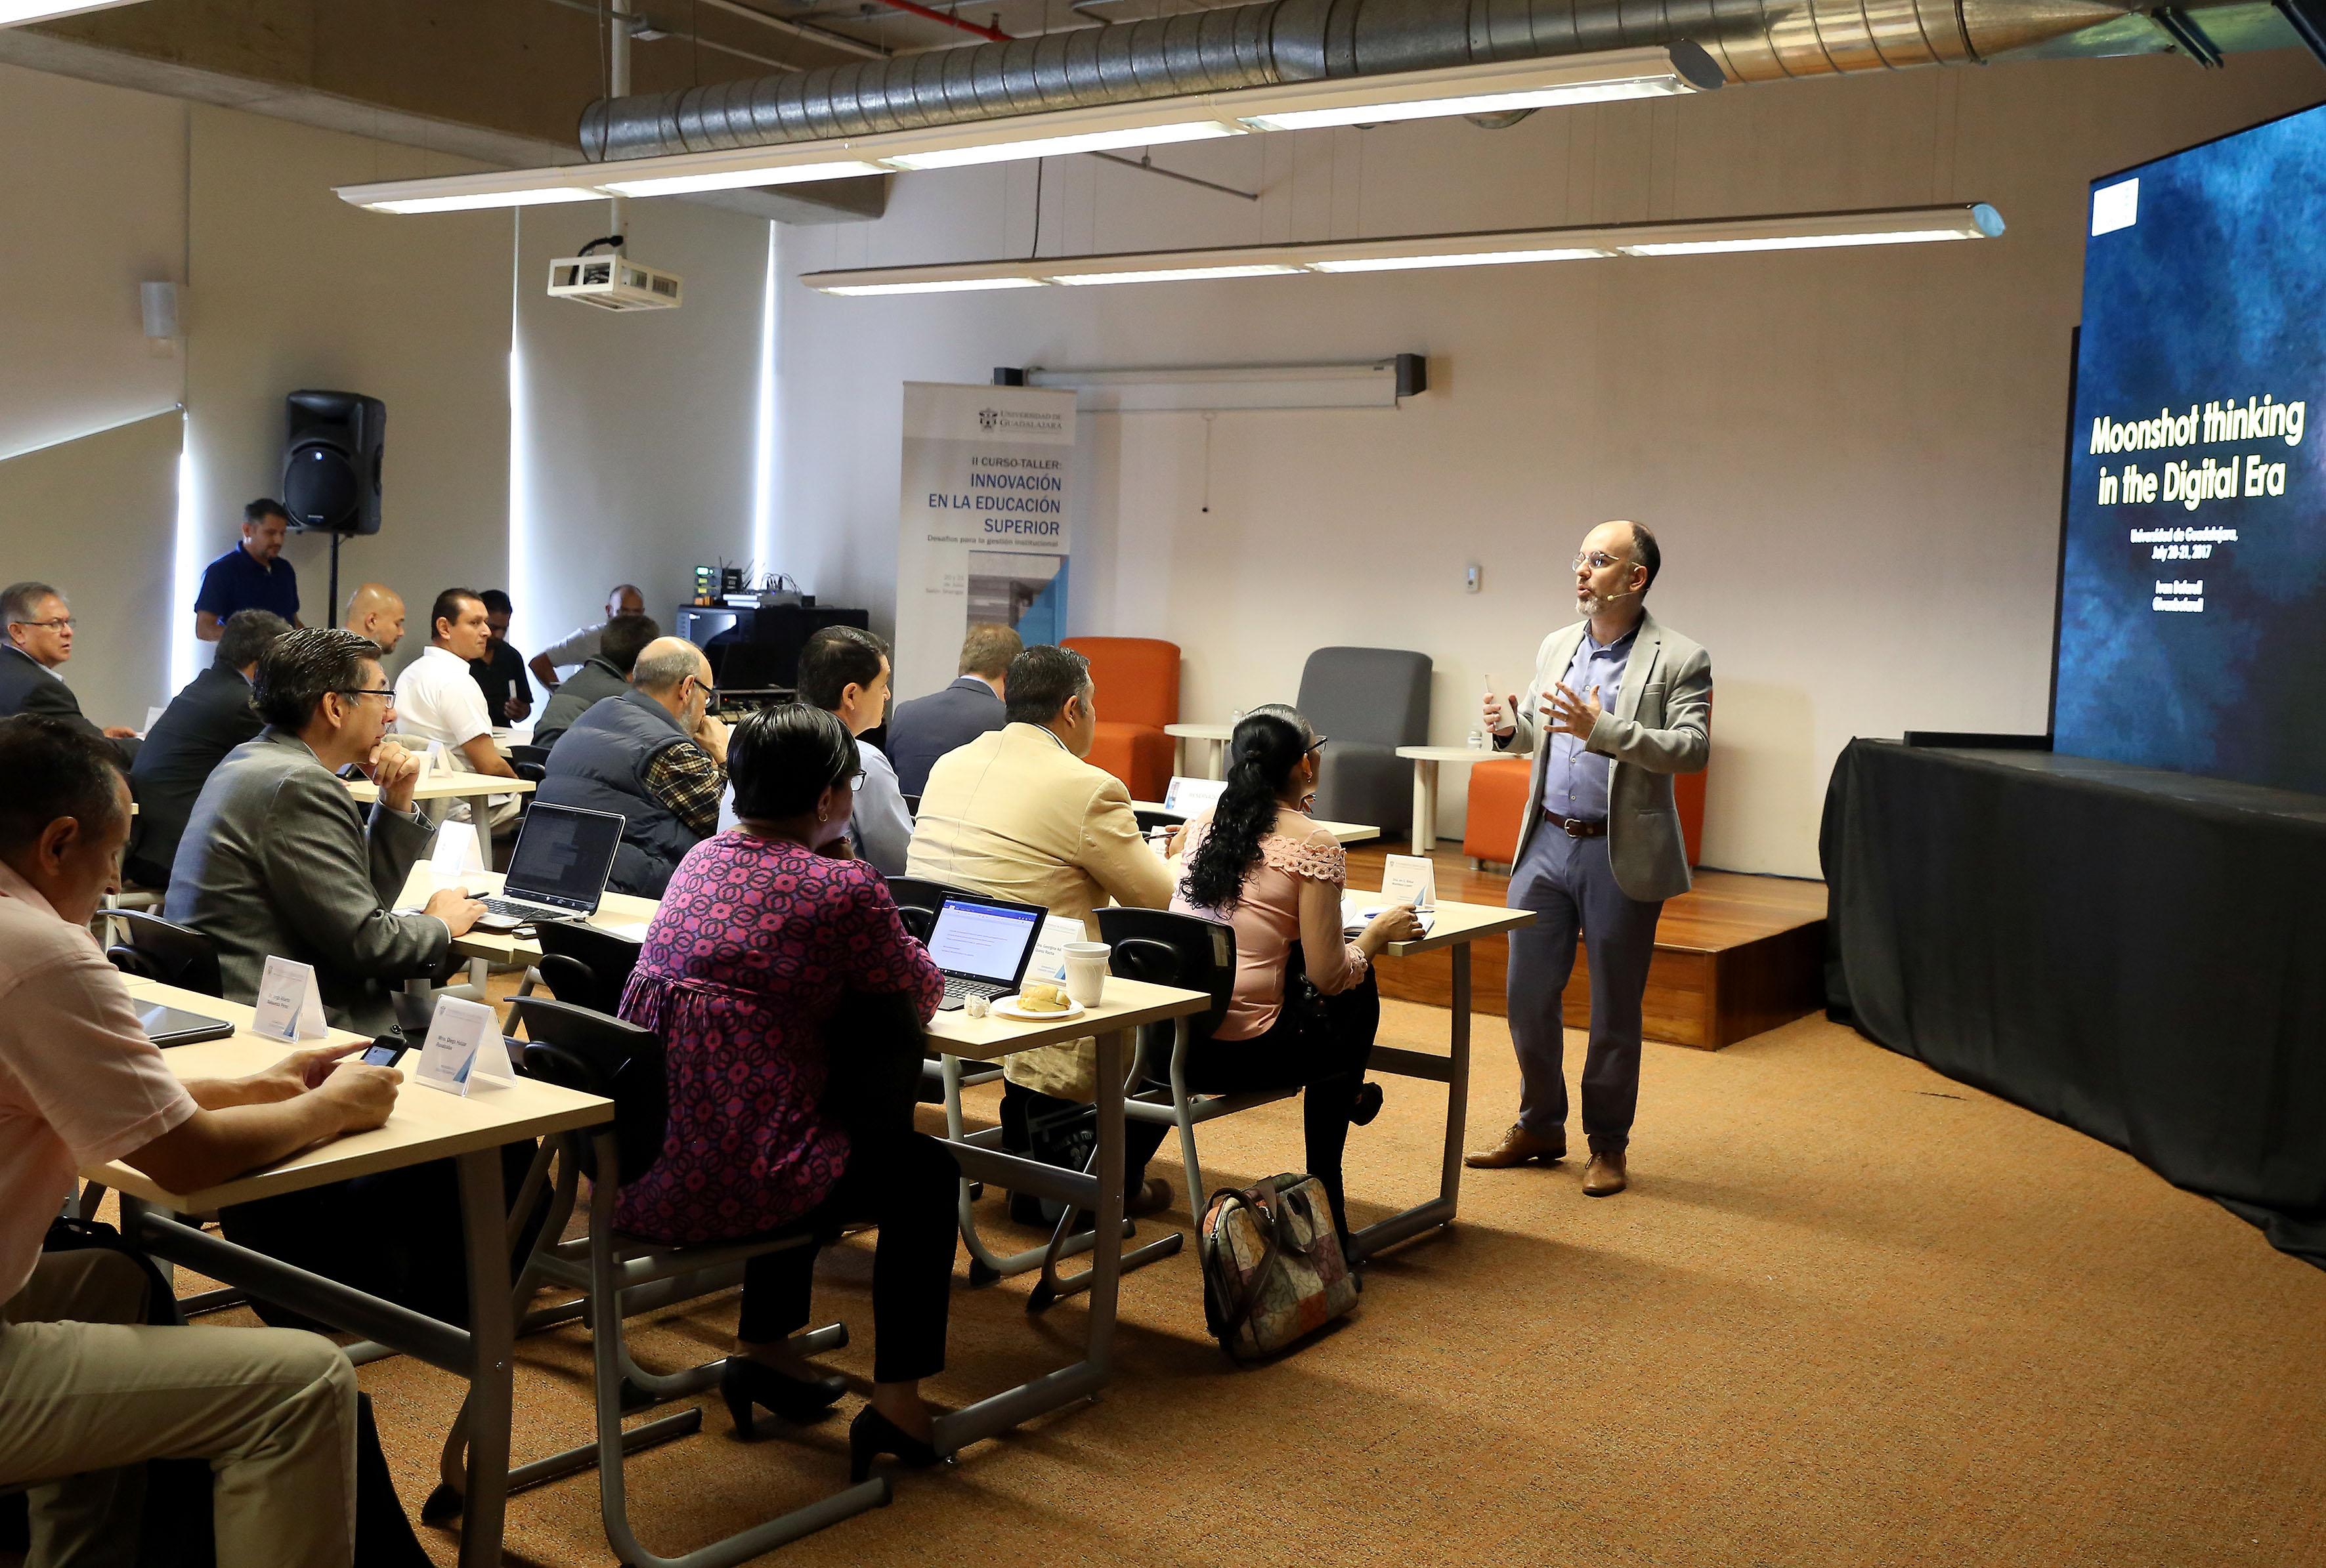 """Director de Global Strategic Initiatives at ESADE Business School in Barcelona, maestro Iván Bofarull, instruyendo durante el taller, a coordinadores de planeación, de posgrados, de innovación y secretarios académicos, en la necesidad del pensamiento  """"Moonshot thinking"""", para generar resultados 10 veces más, en lugar de 10 por ciento."""